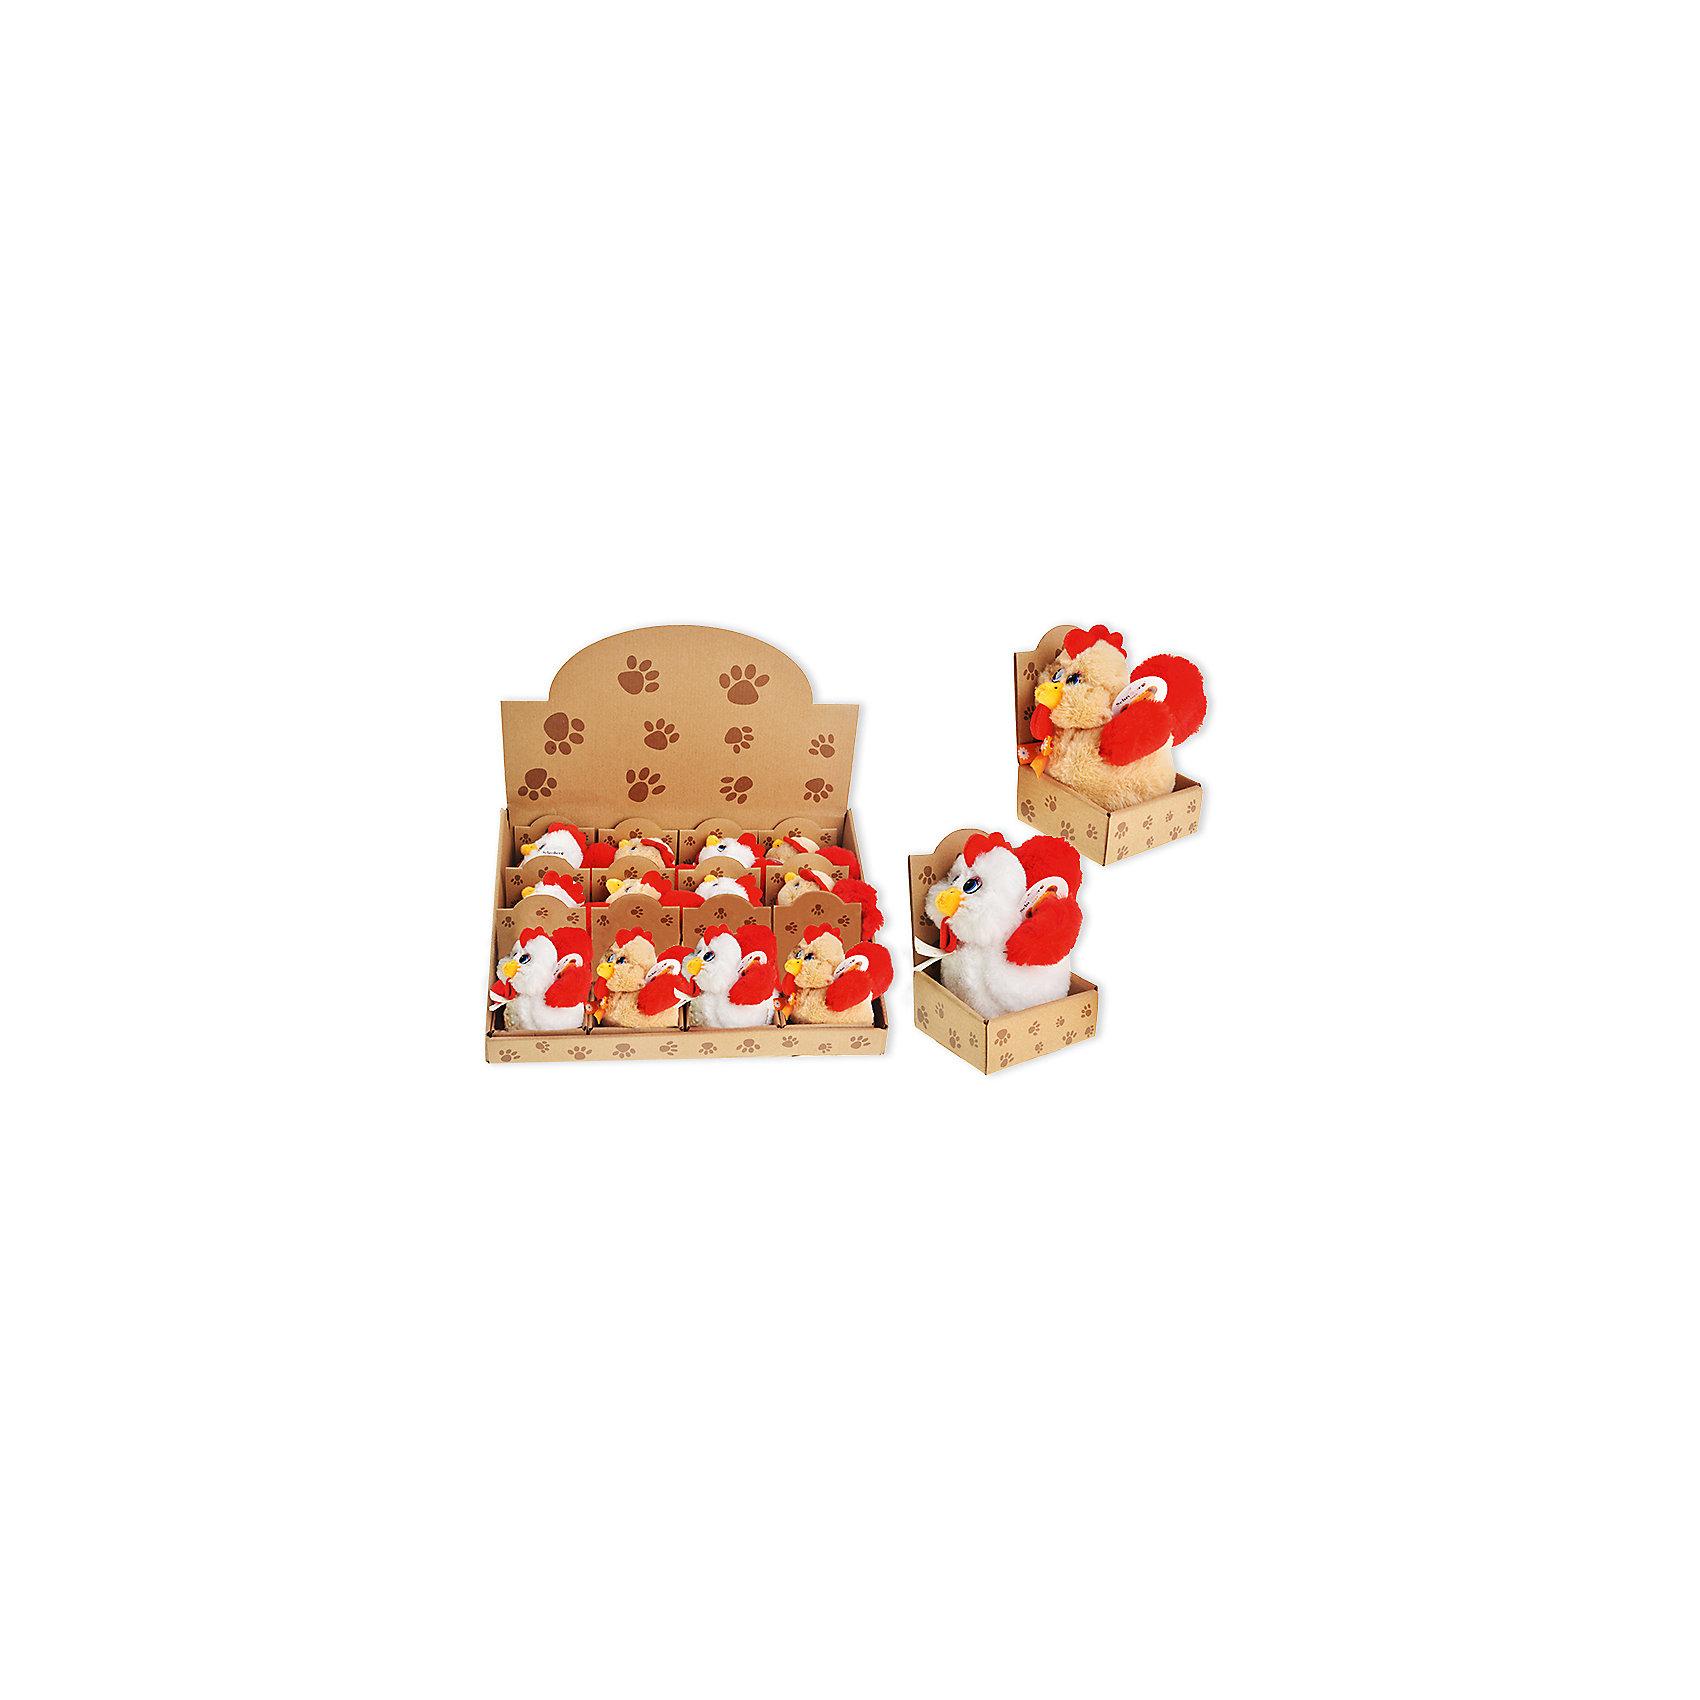 Мягкая игрушка Петушок 10 смЗвери и птицы<br>Мягкая игрушка  - универсальный подарок. Стилизованная игрушка «Петушок» понравится всем малышам. Модель подойдет в качестве дополнения к новогоднему подарку (петух - символ 2017 года). Ее можно использовать, как элемент декора в интерьере детской или просто играть. Игрушка изготовлена из высококачественного материала, отвечающего всем международным стандартам по безопасности детских товаров, а так же не вызывает аллергии при соприкосновении с ним. Каждая модель упакована в индивидуальную картонную коробку. Игрушка имеет большой ассортимент цветового решения. <br><br>Дополнительная информация: <br><br>высота: 10см;;<br>цвет: разноцветный;<br>материал: текстиль.<br><br>Мягкую игрушку «Петушок» можно приобрести в нашем магазине.<br><br>Ширина мм: 100<br>Глубина мм: 100<br>Высота мм: 10<br>Вес г: 50<br>Возраст от месяцев: 36<br>Возраст до месяцев: 120<br>Пол: Унисекс<br>Возраст: Детский<br>SKU: 4993533